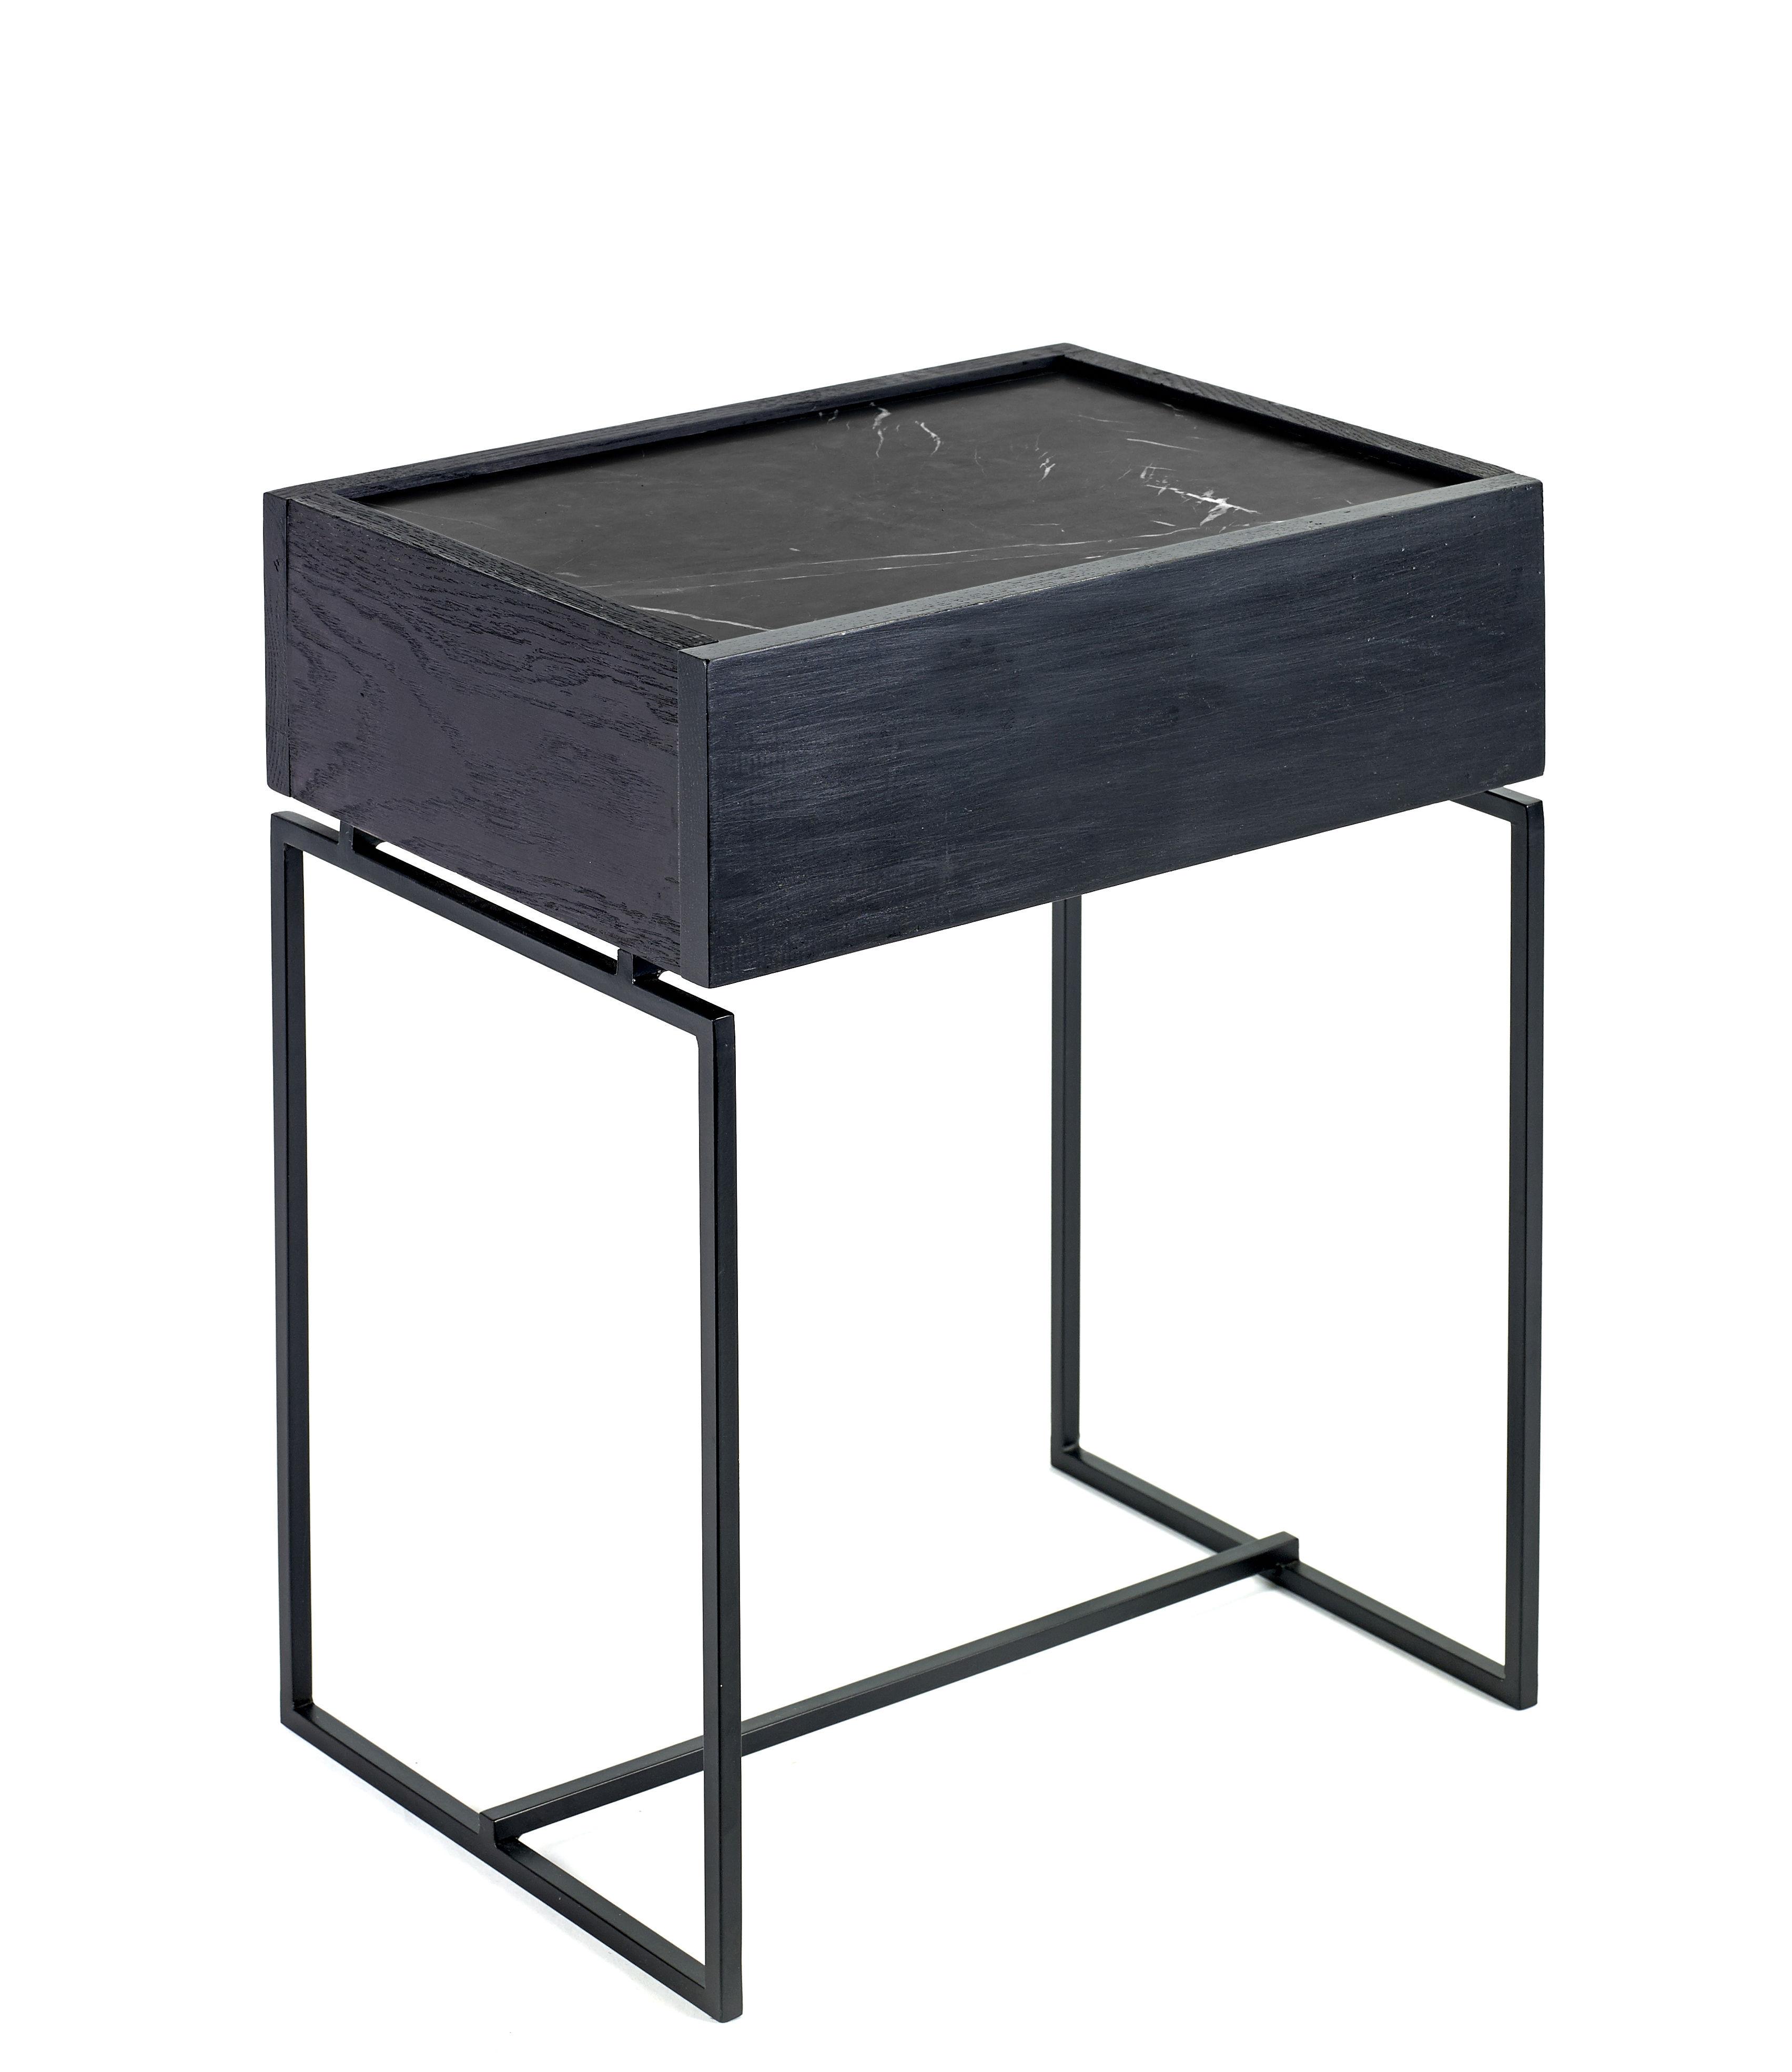 Mobilier - Tables basses - Table d'appoint Nero / Tiroir - Marbre & bois - Serax - Marbre noir  / Pied noir - Bois peint, Marbre, Métal